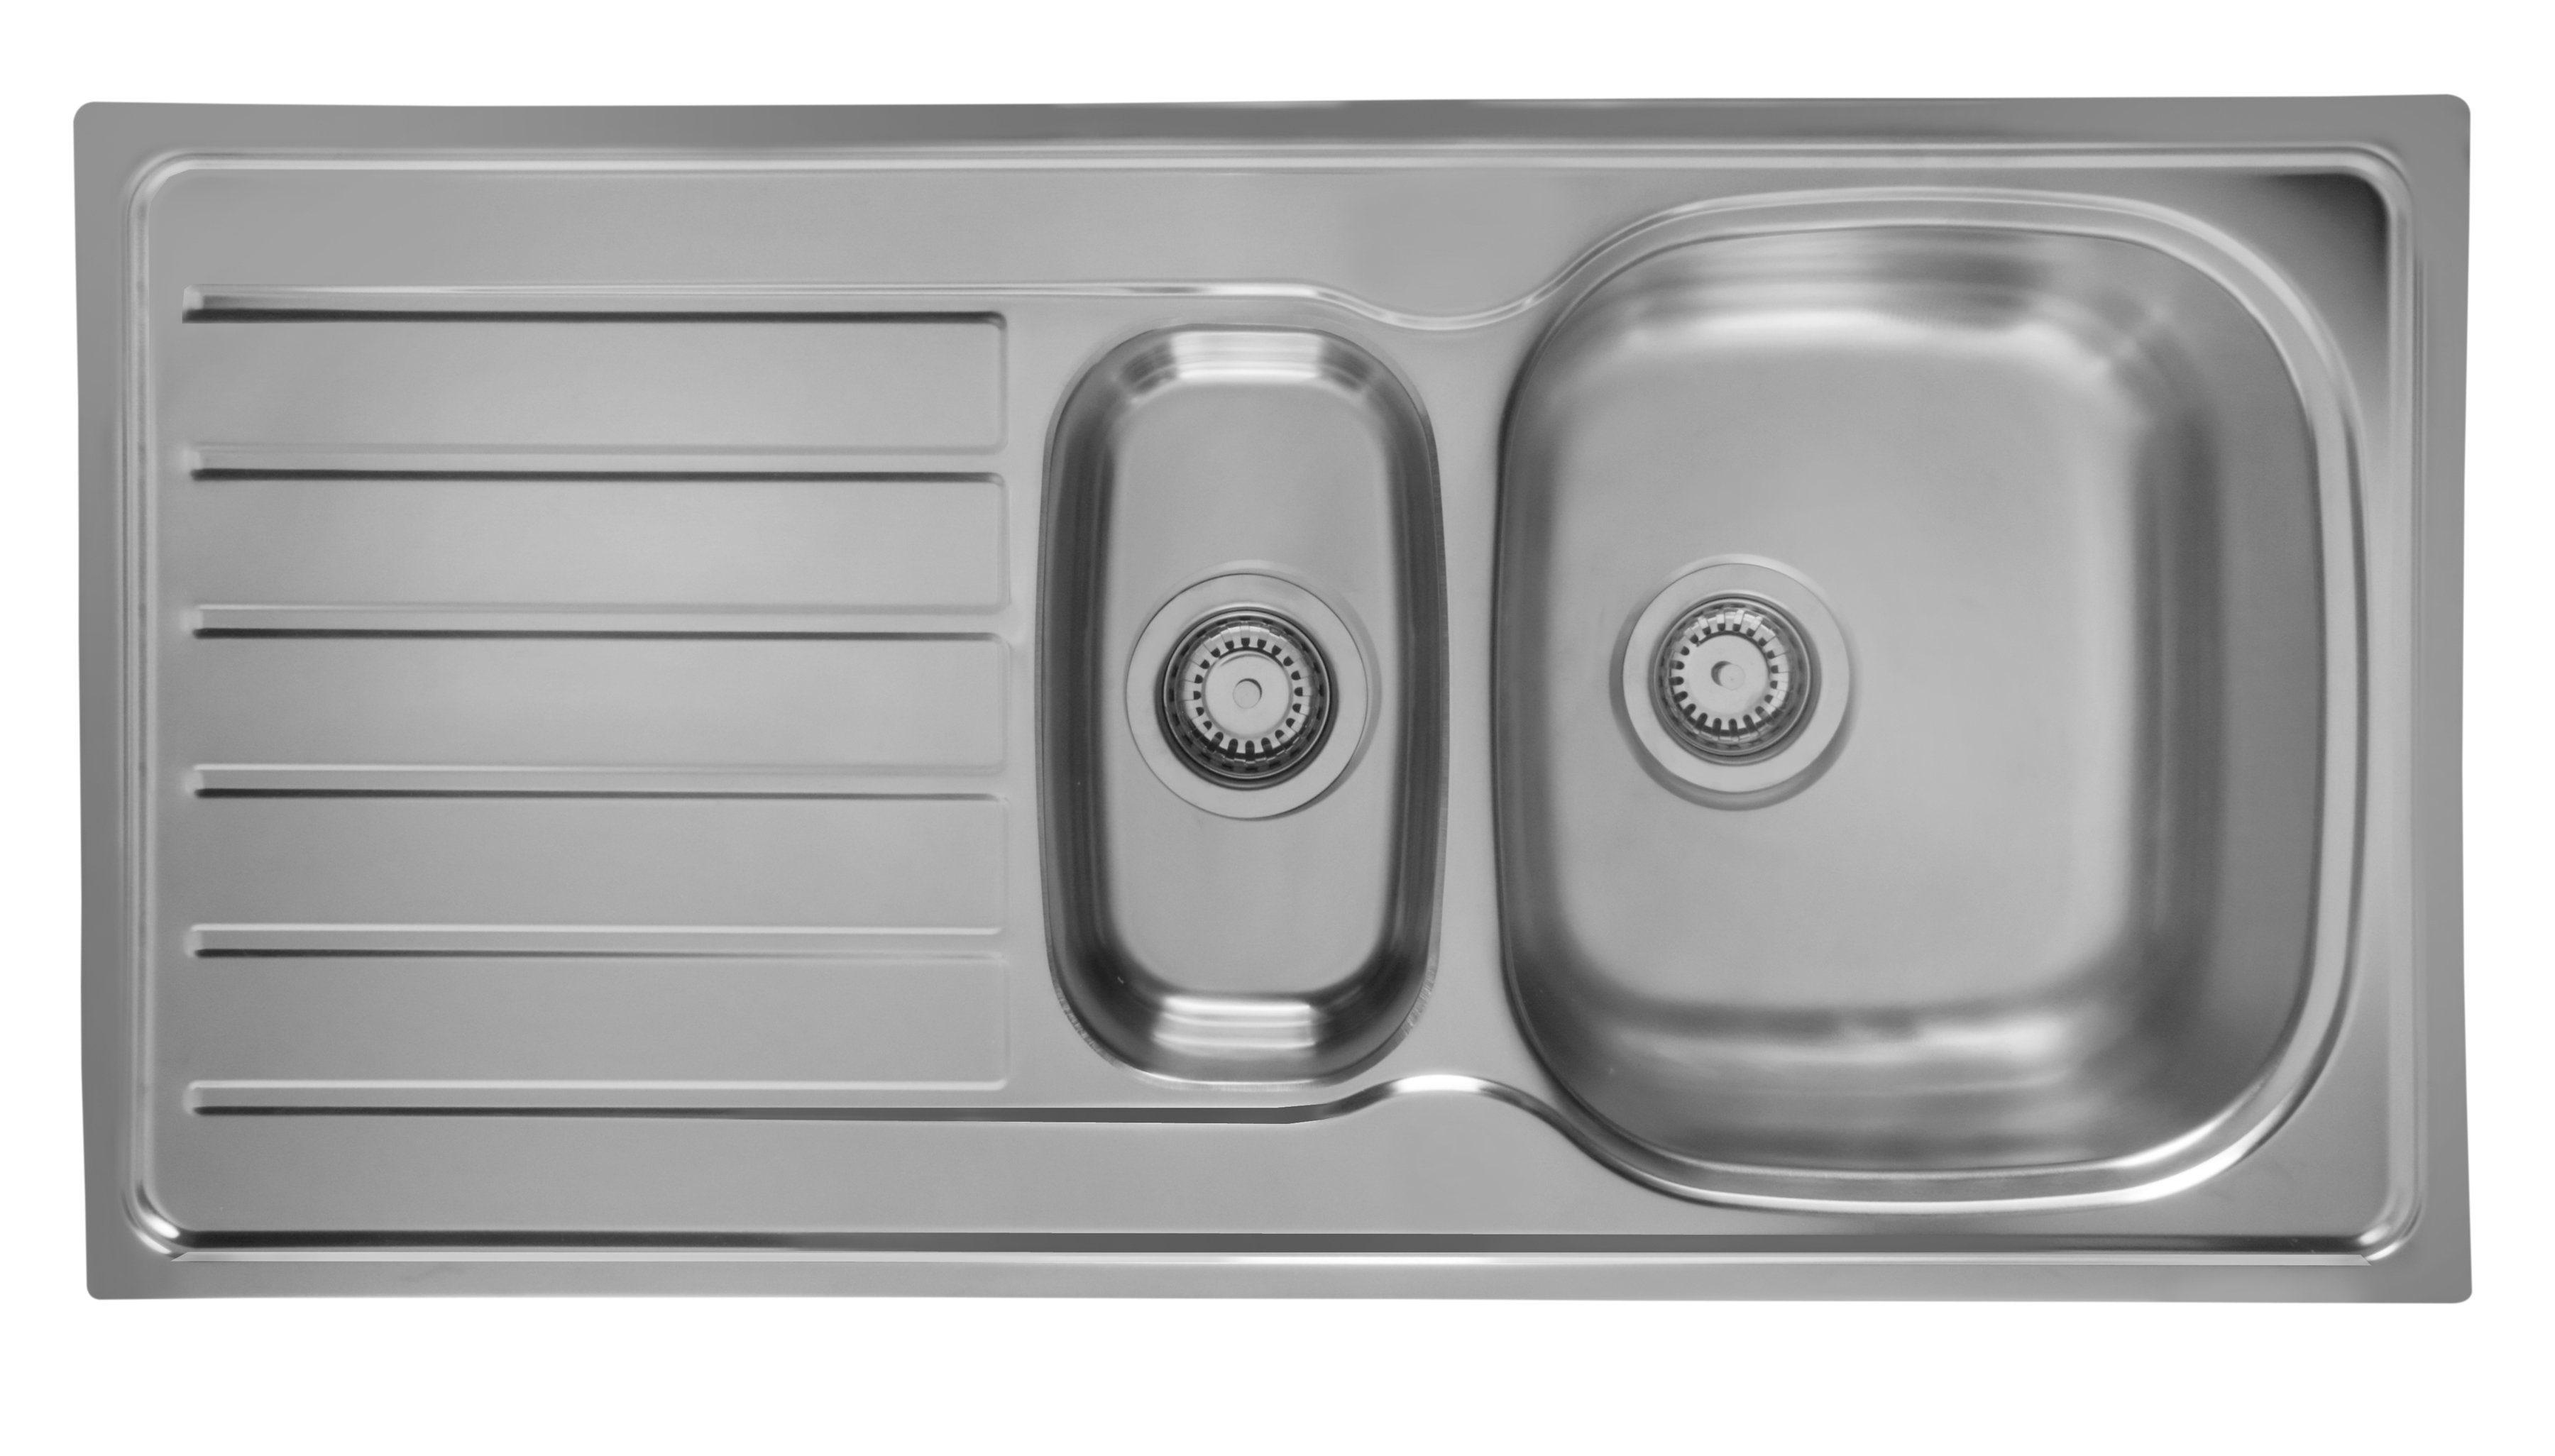 Schock Edelstahlspüle »Hypno«, mit Restebecken, 86x50 cm